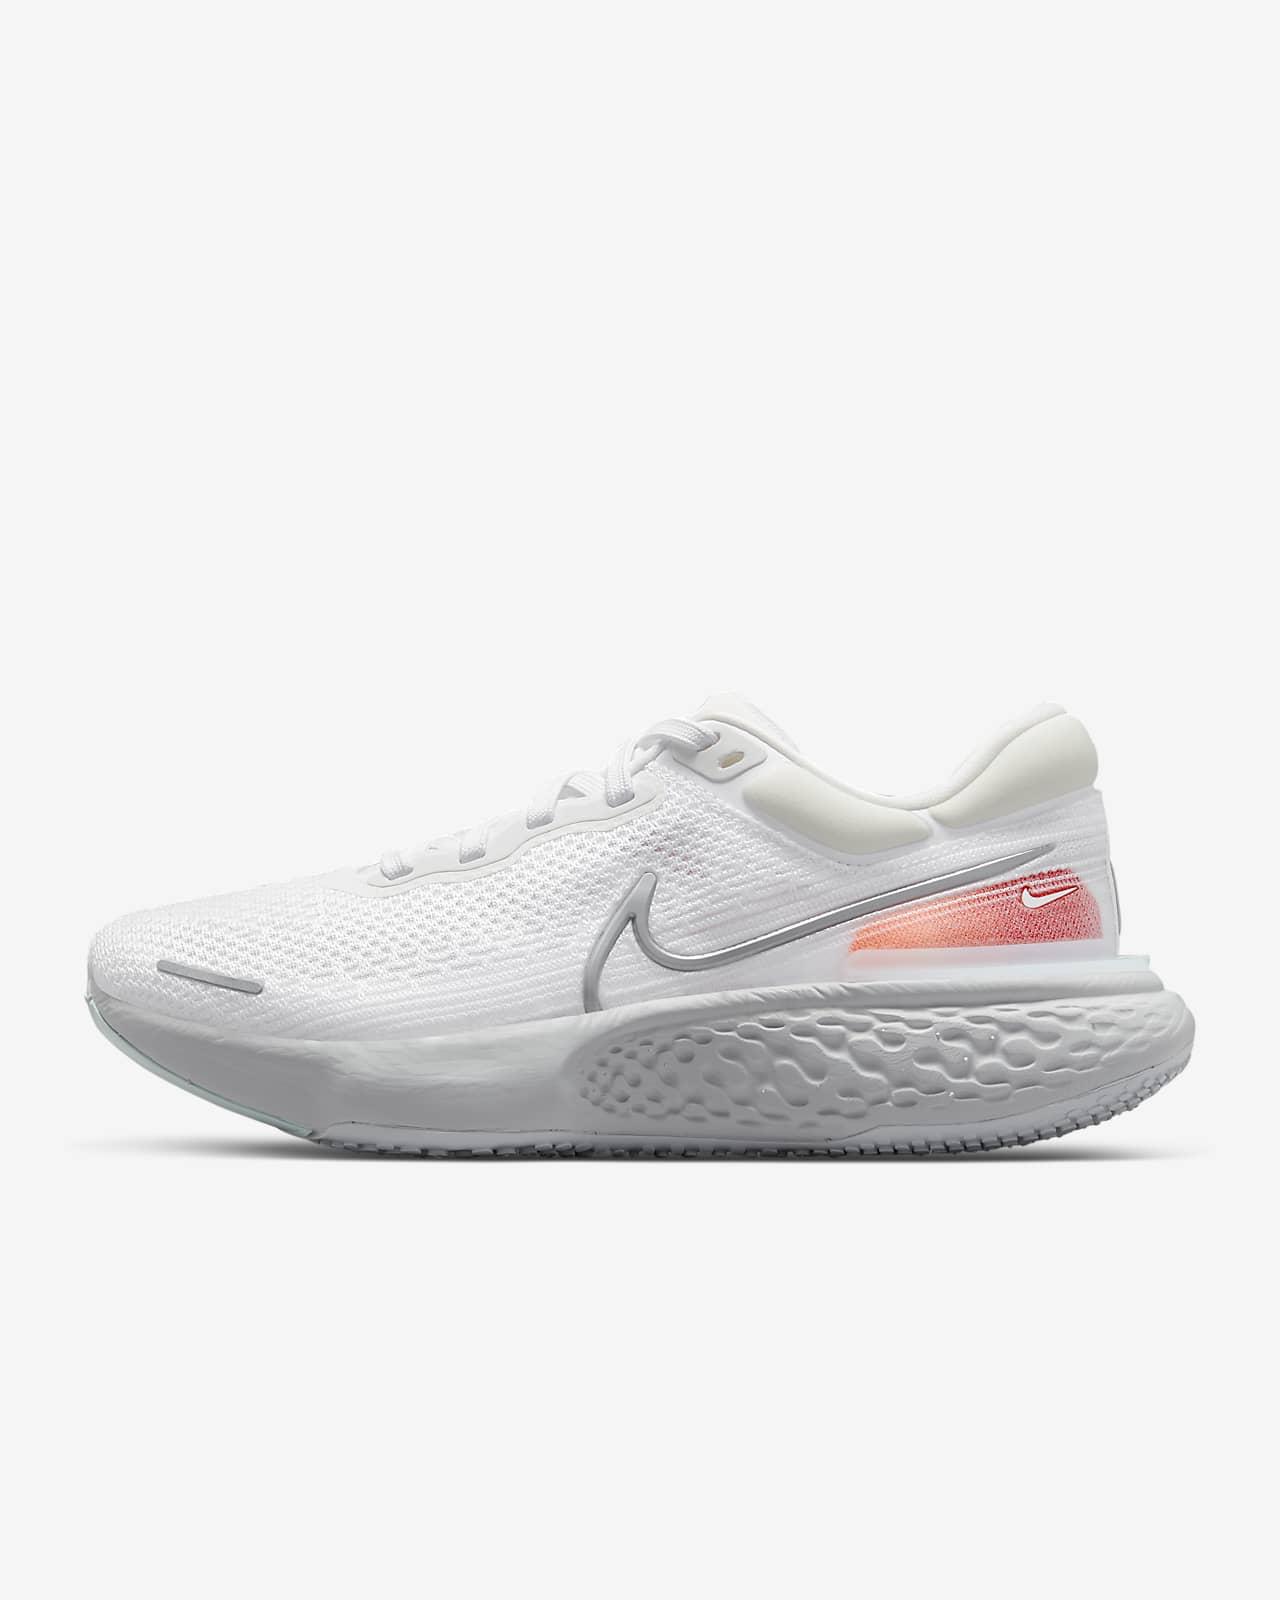 Nike ZoomX Invincible Run Flyknit Zapatillas de running - Hombre